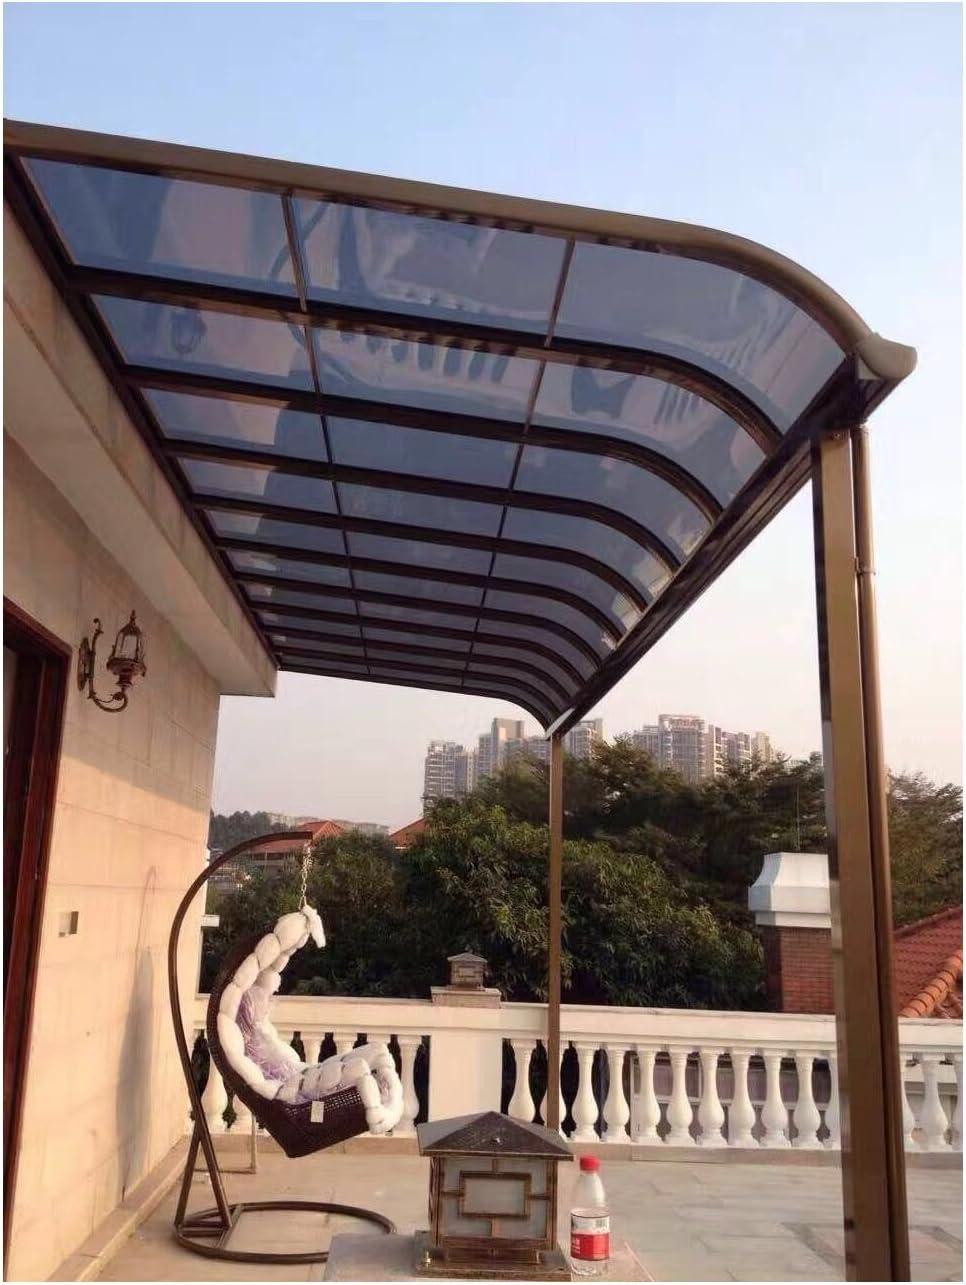 ClearYup 10 x 18 Panel de Patio Manual Parasol Refugio toldo de Aluminio con Carcasa Trasera de policarbonato para Patio, Heavy Duty Puerta Rectangular: Amazon.es: Jardín